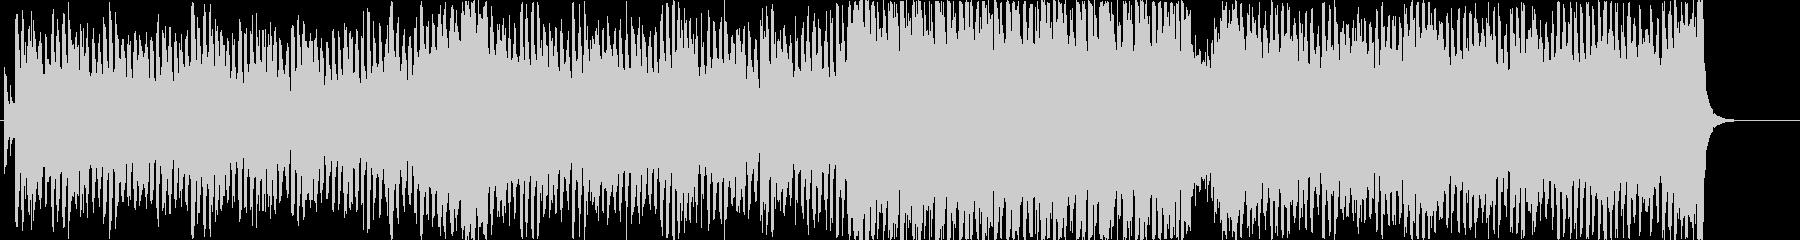 奇麗なピアノメロディのエレクトロポップの未再生の波形